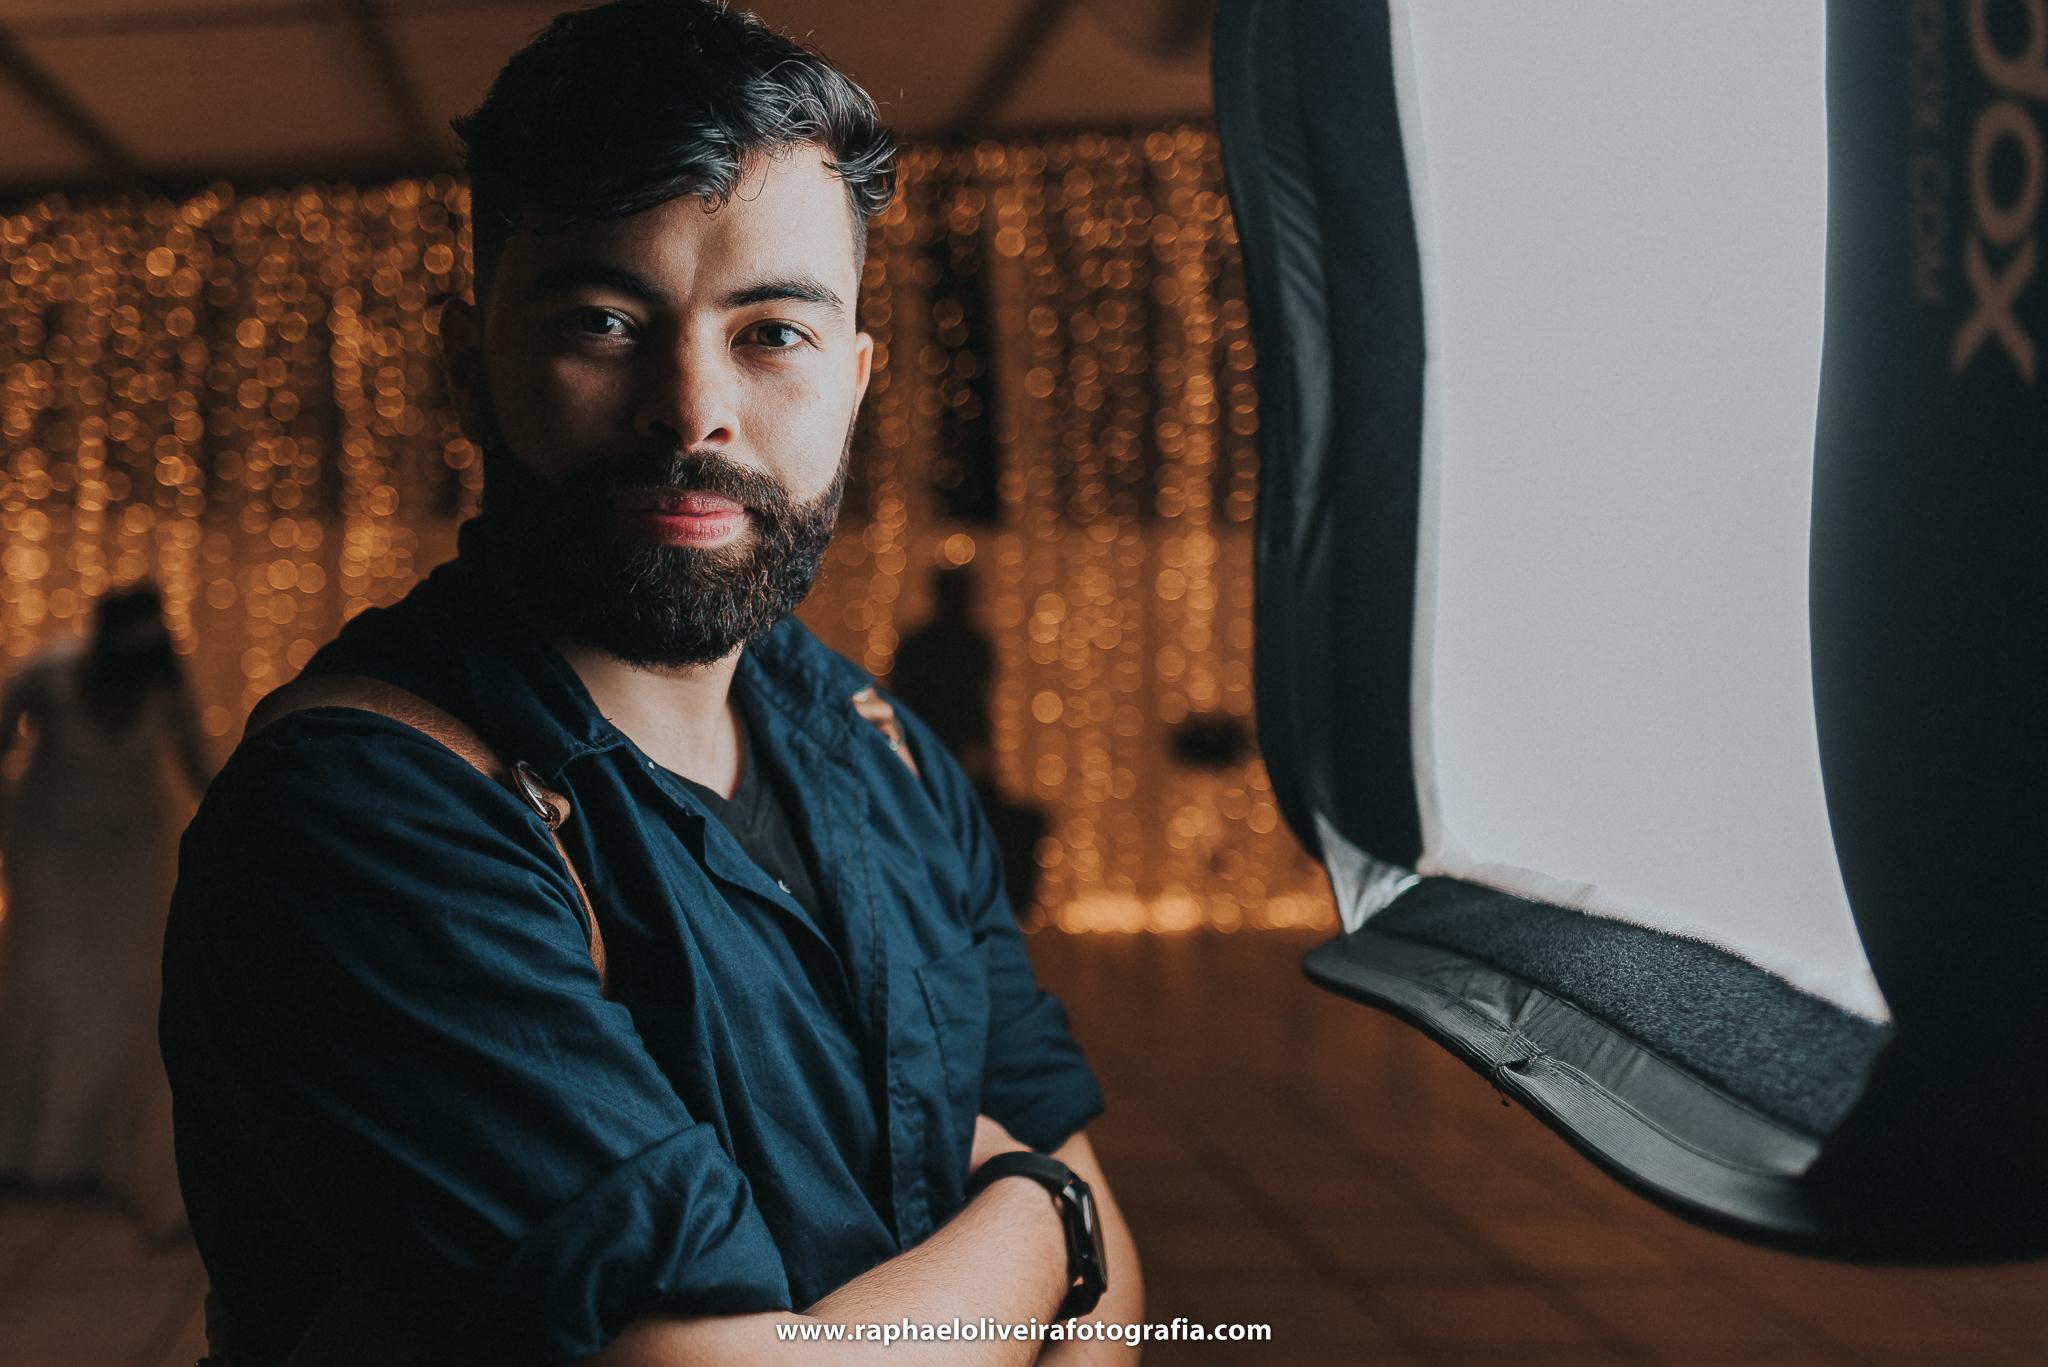 Sobre Raphael Oliveira Fotografo de Casamento e Ensaios São Paulo Fotografia